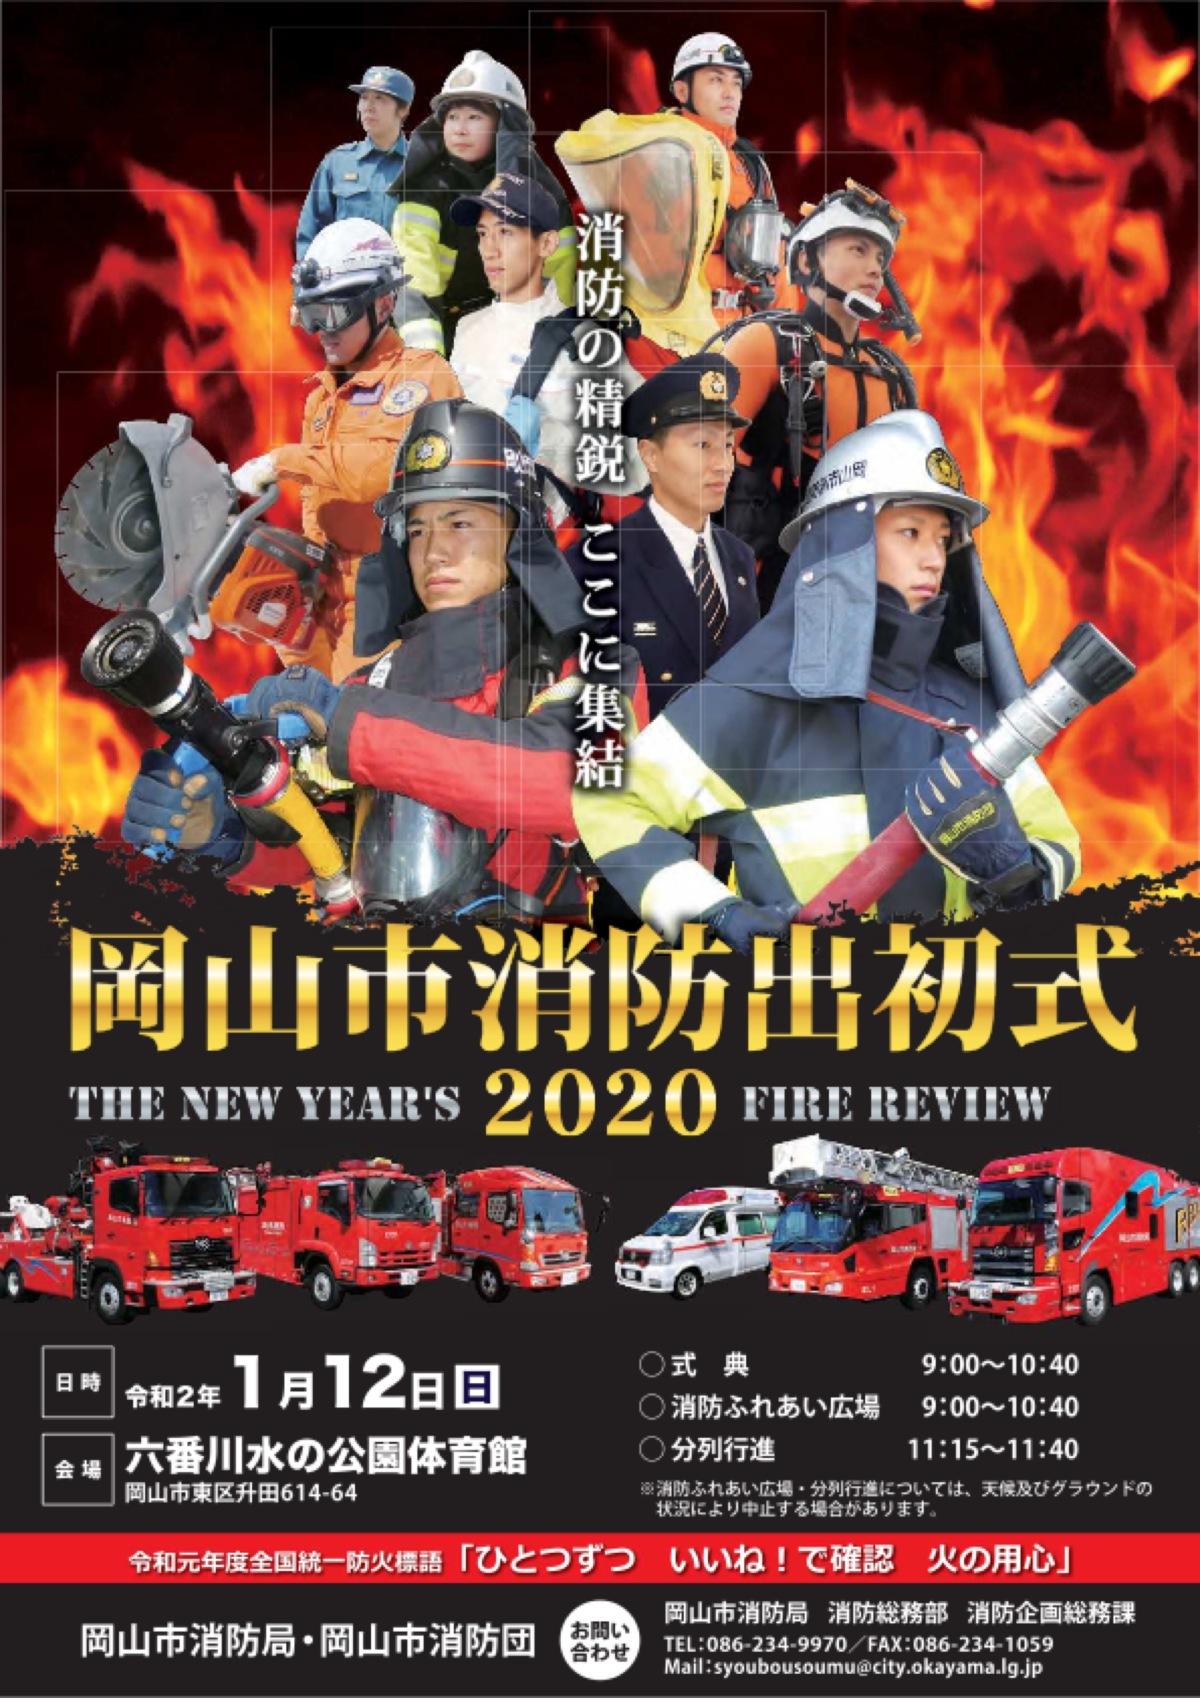 市 消防 局 岡山